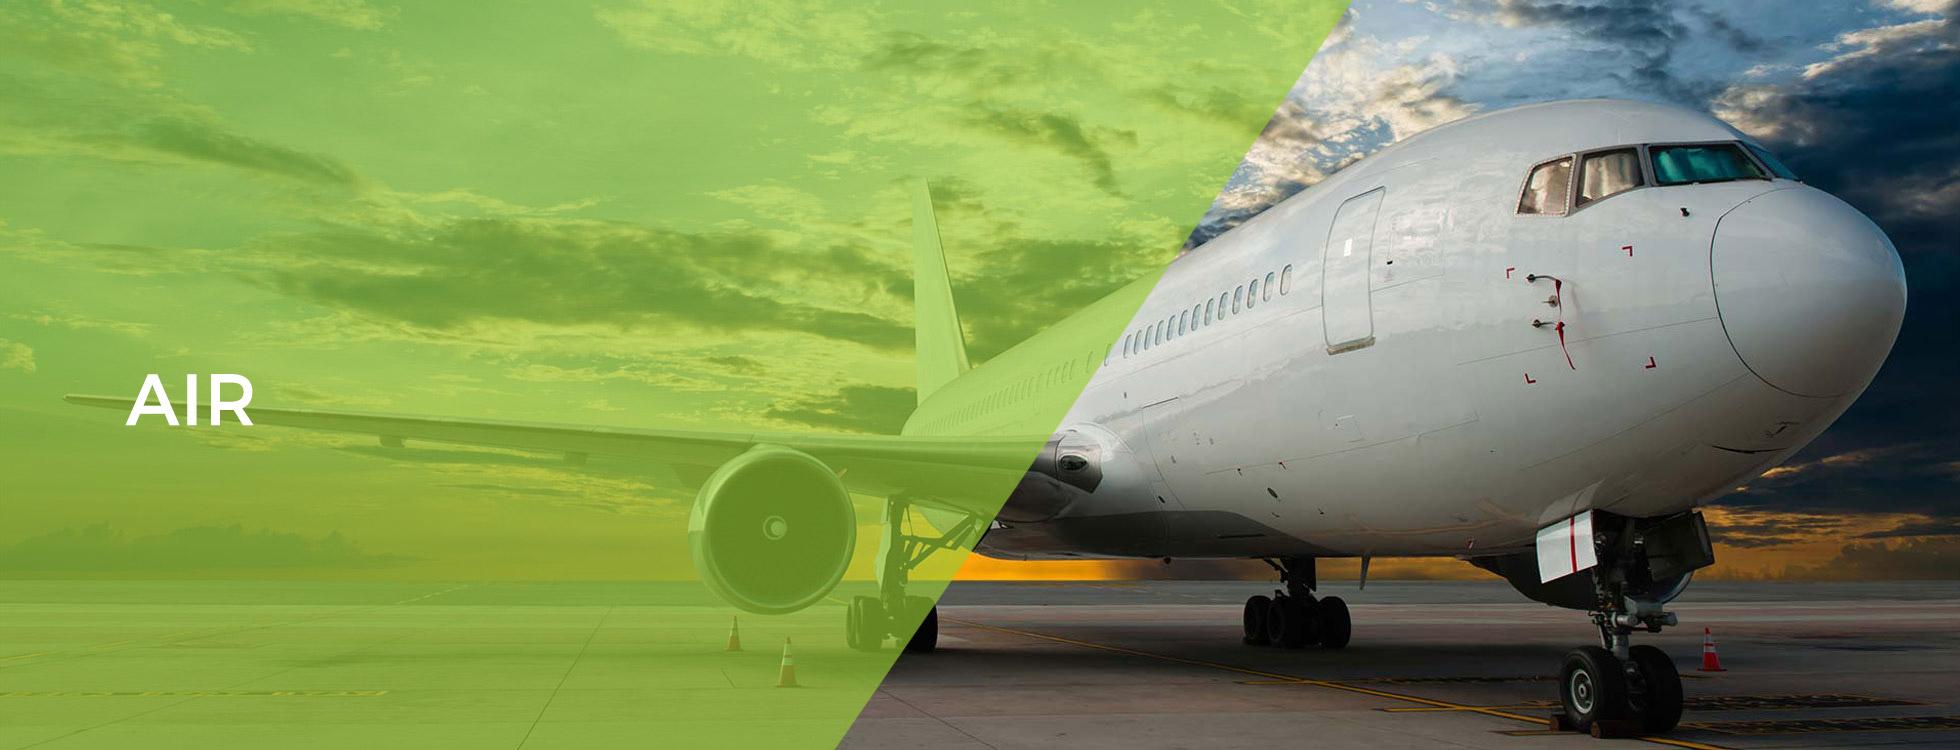 banner3-servicio-aereo2